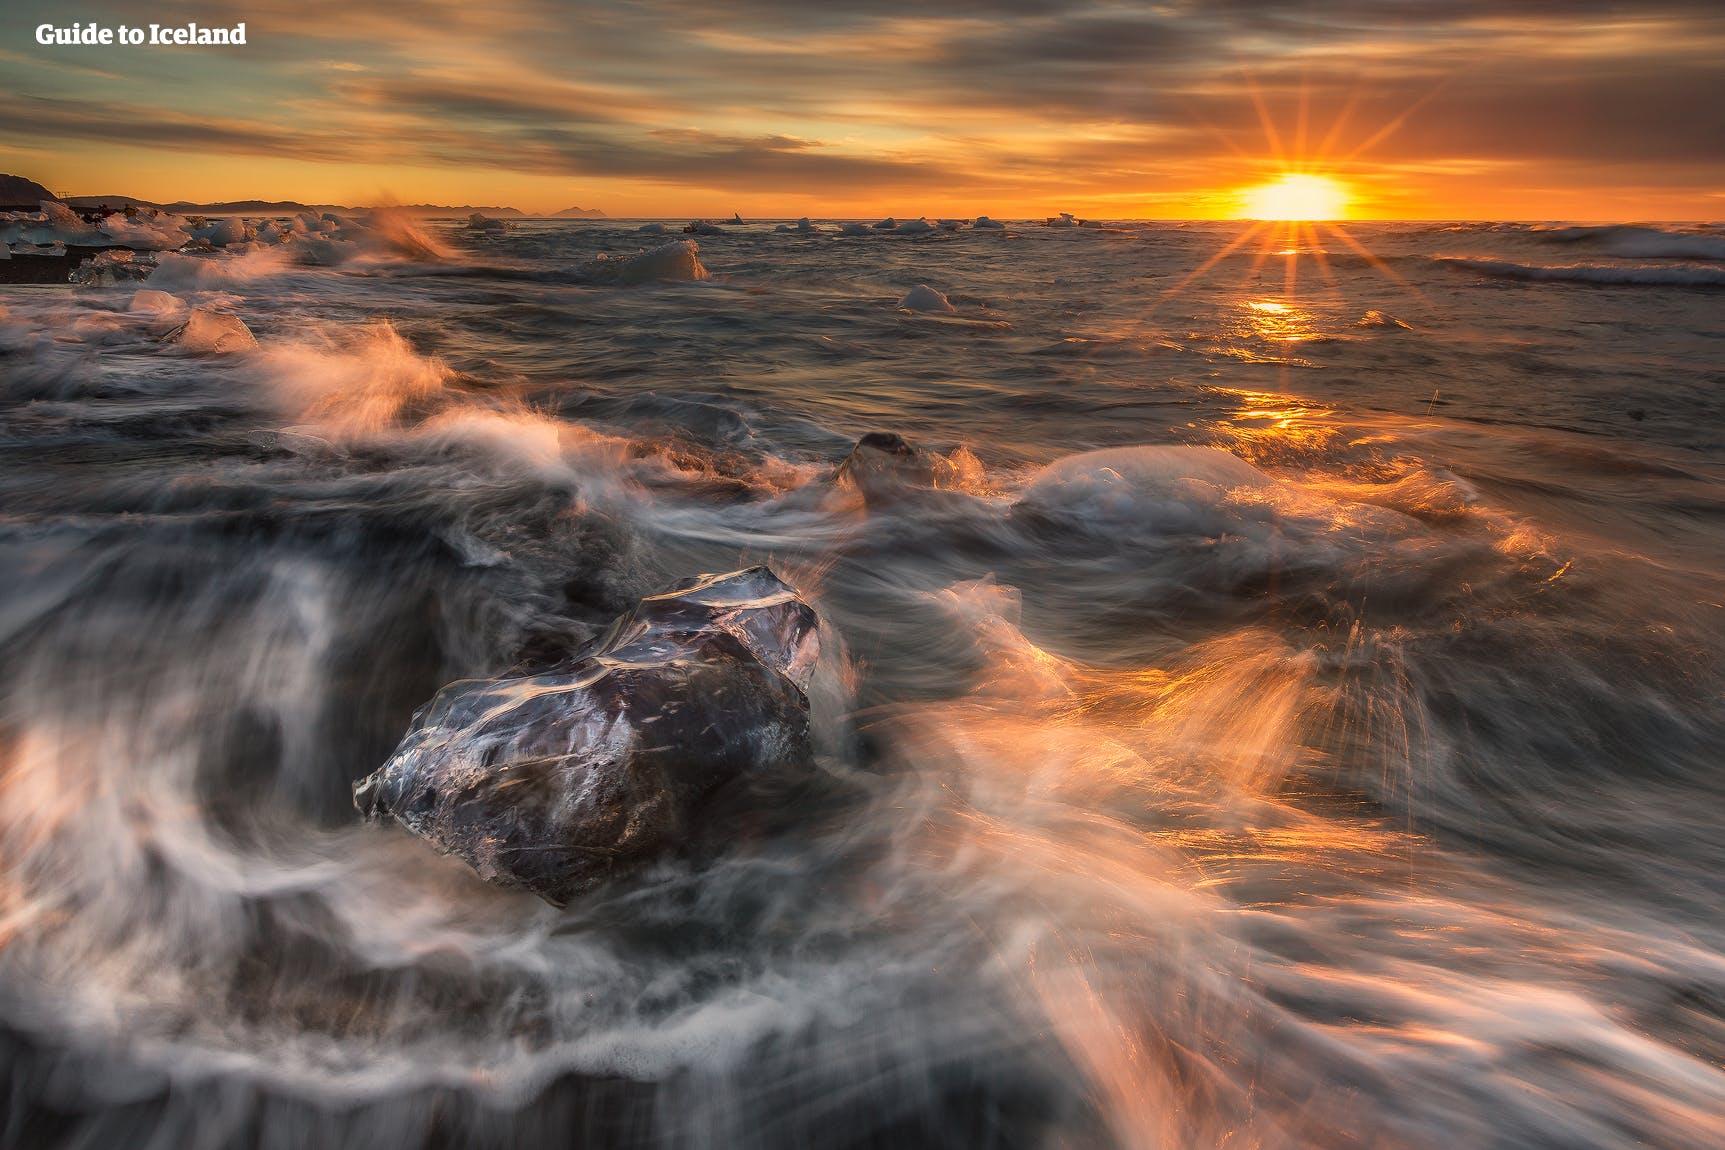 La Spiaggia dei Diamanti varia di giorno in giorno, in base alle maree, al vento e ad altre condizioni.